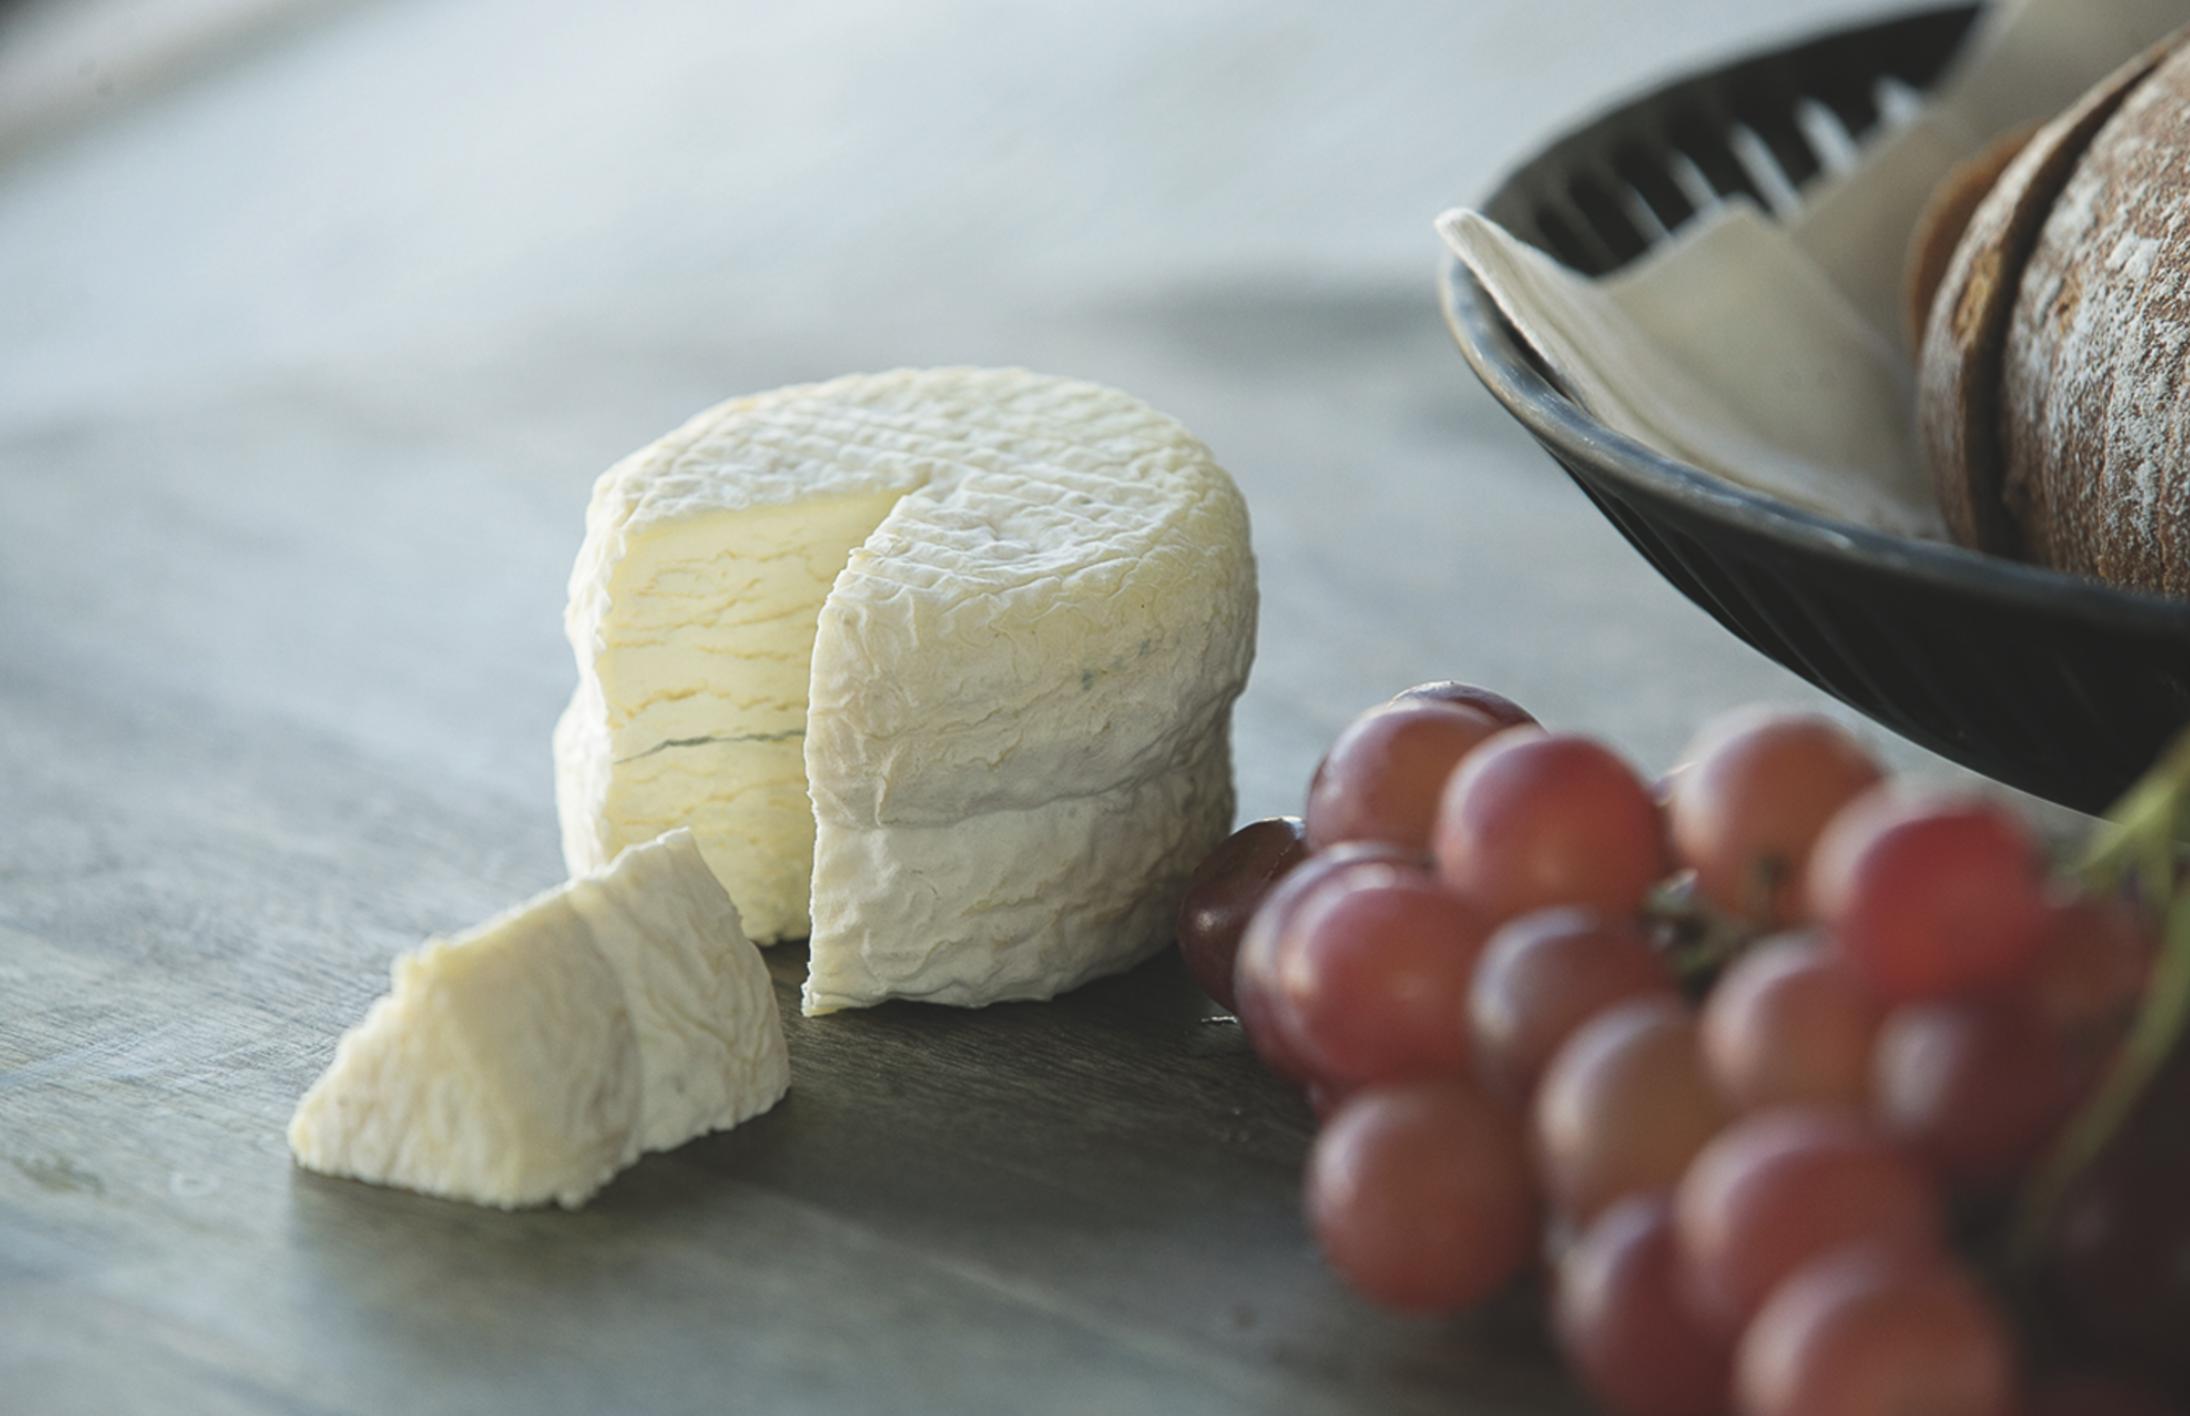 Maytag Cheese